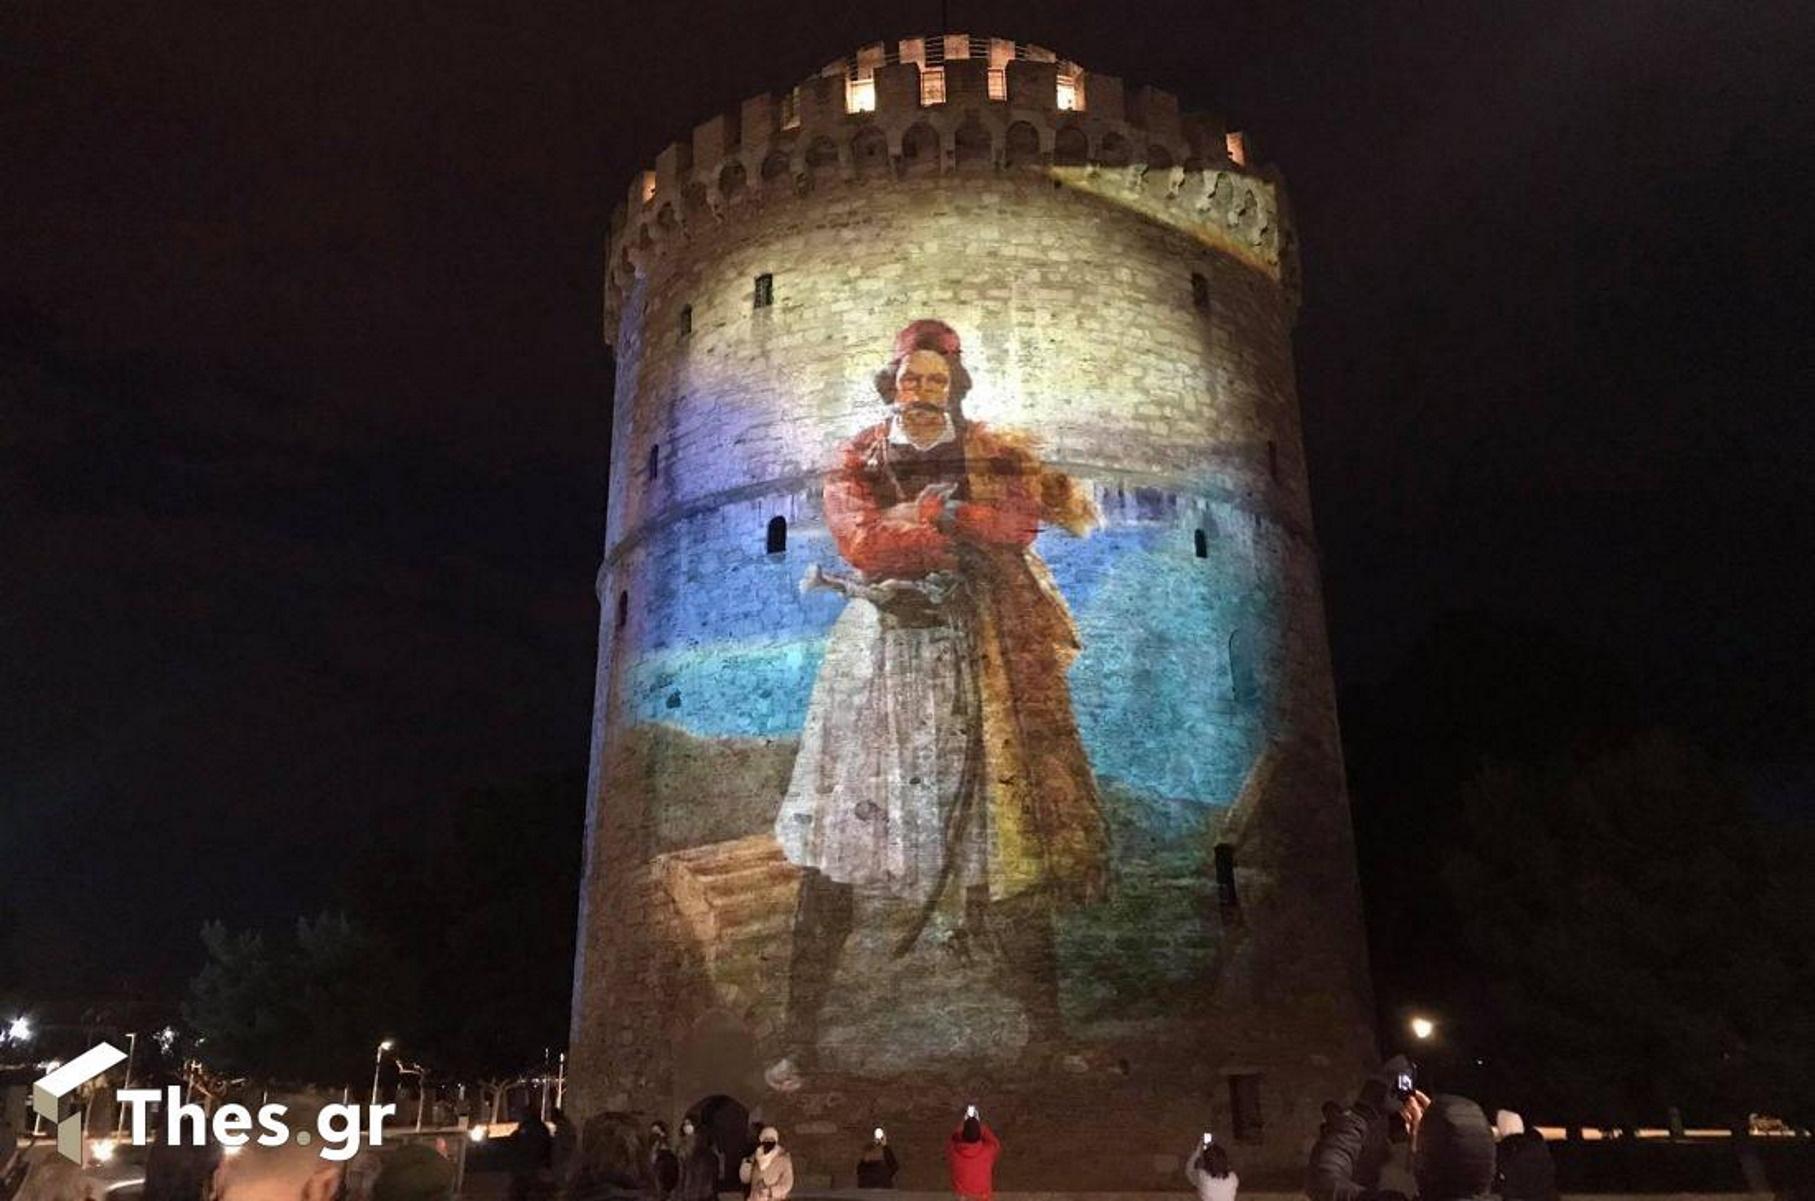 25η Μαρτίου – Λευκός Πύργος: Ήρωες του 1821 και συνθήματα της  Επανάστασης – Εντυπωσιακές εικόνες